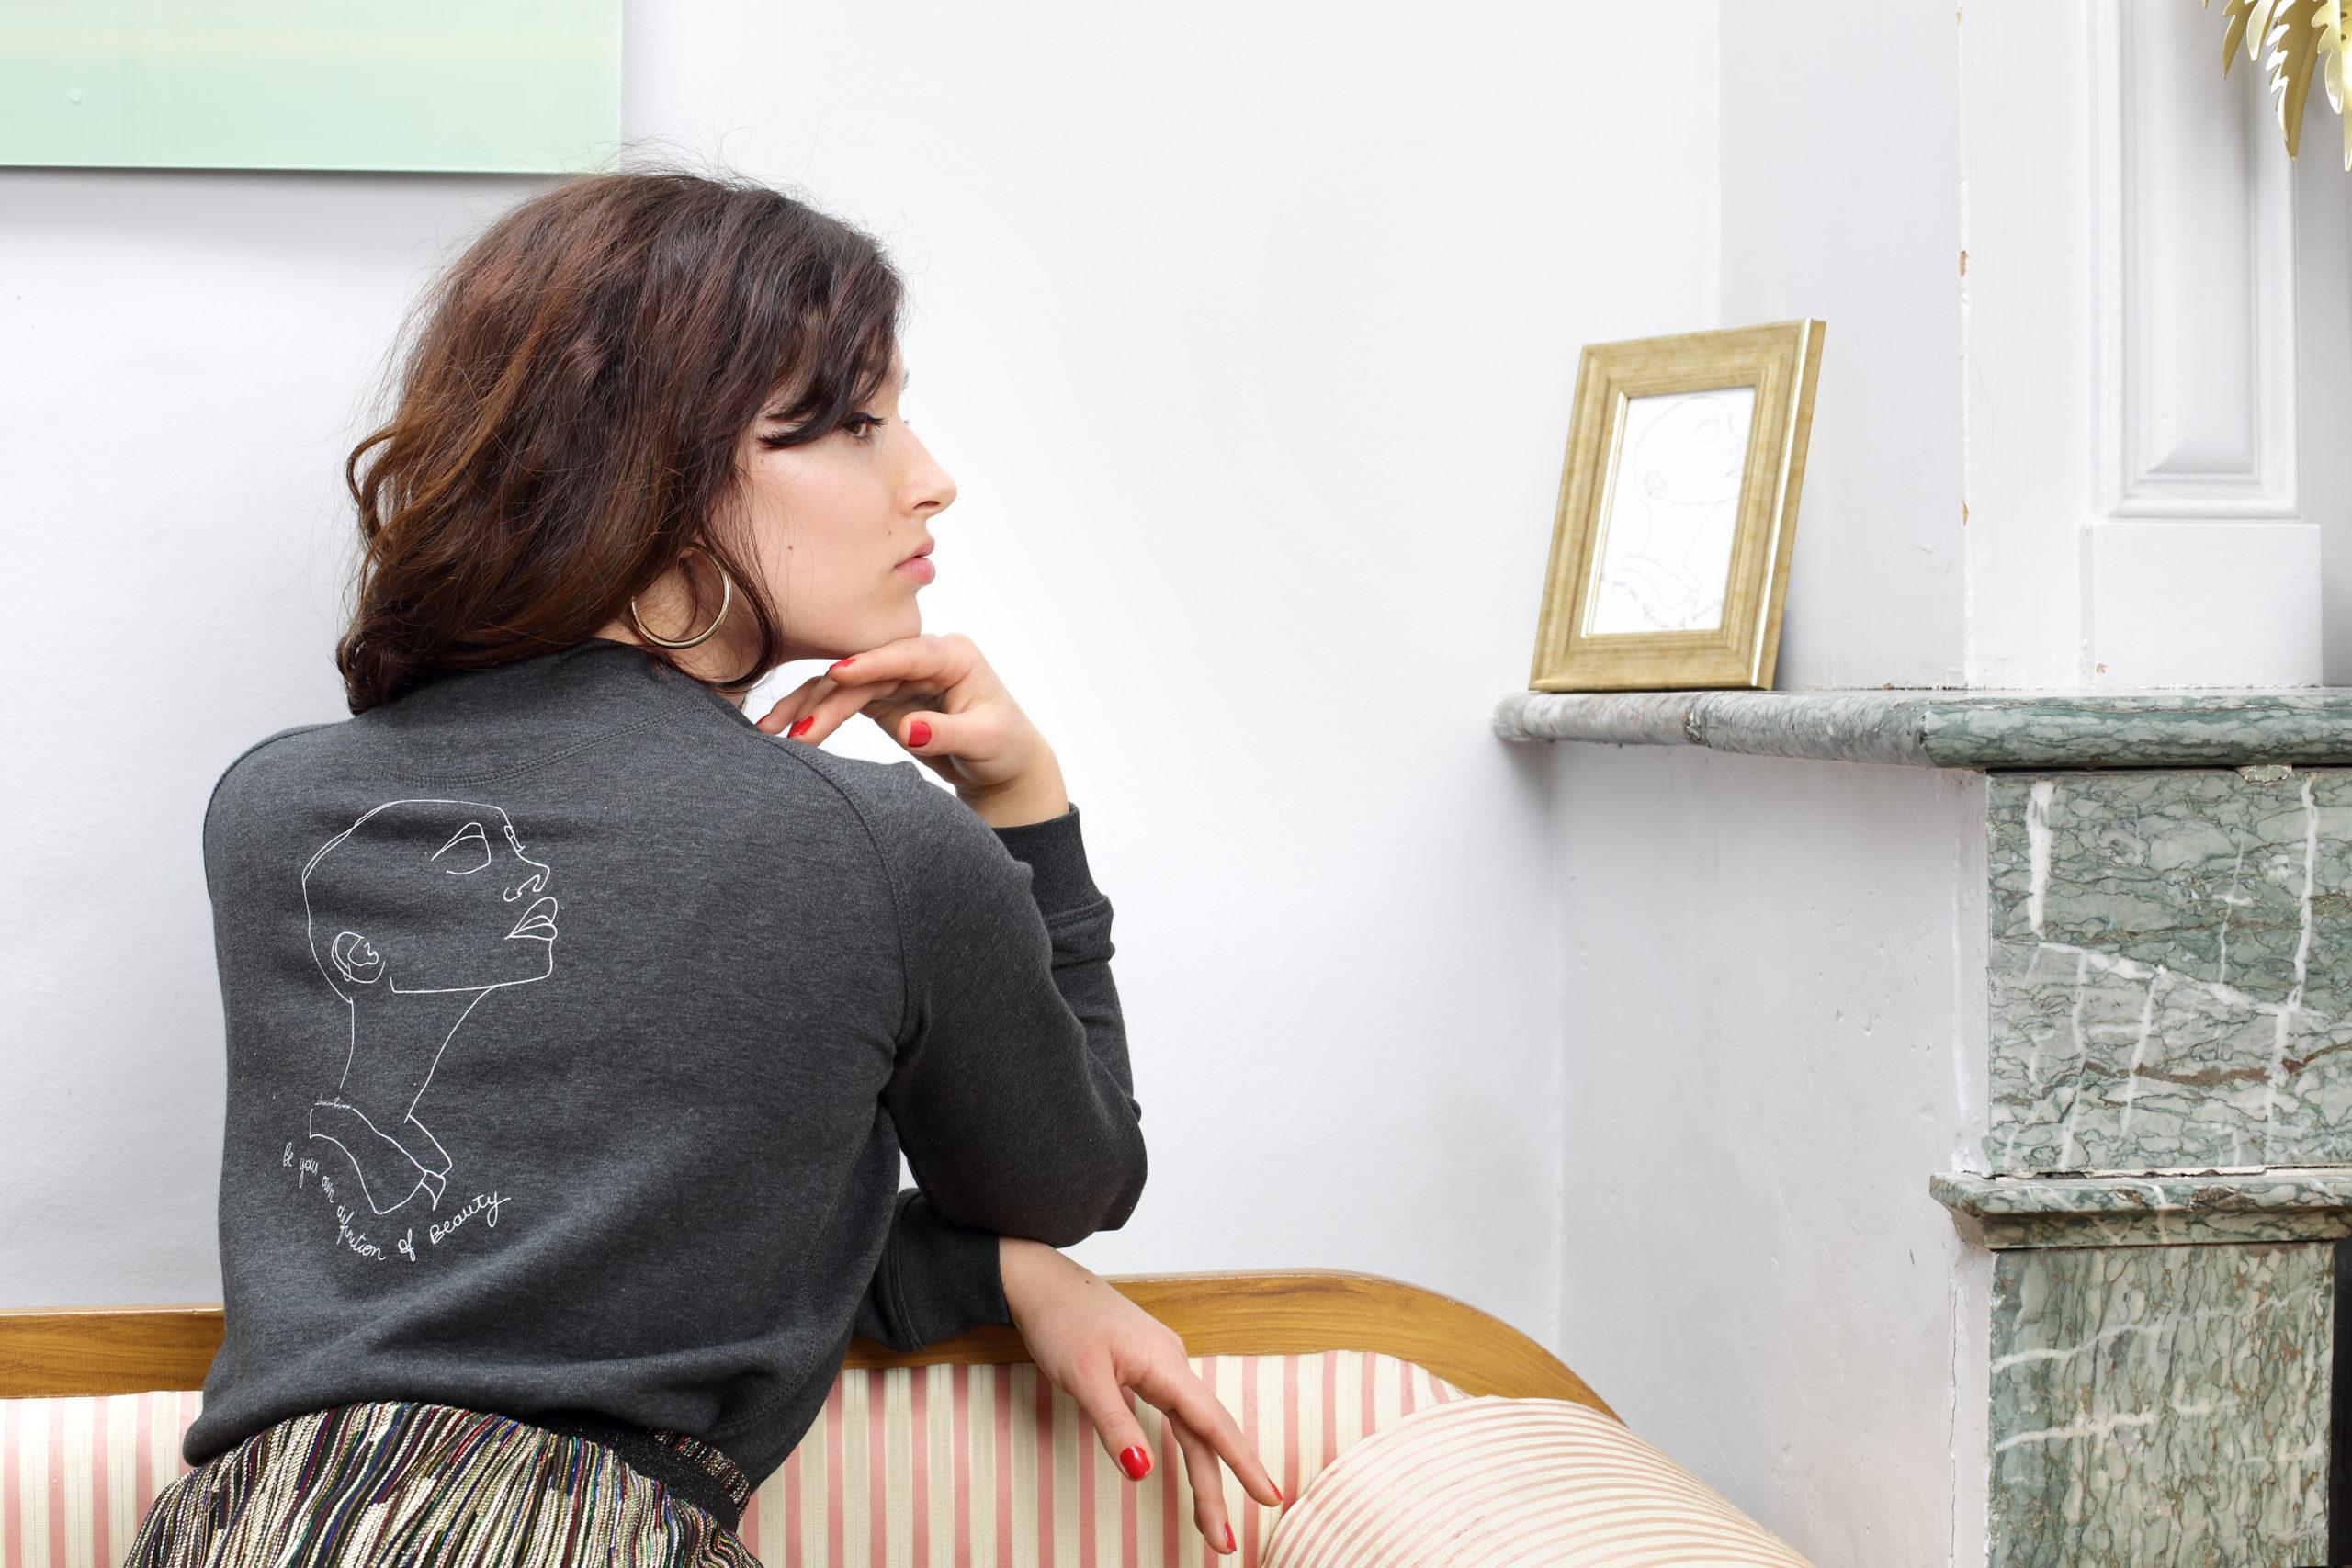 femme de dos portant un sweatshirt gris, avec comme visuel une représentation de la déesse sekhmet